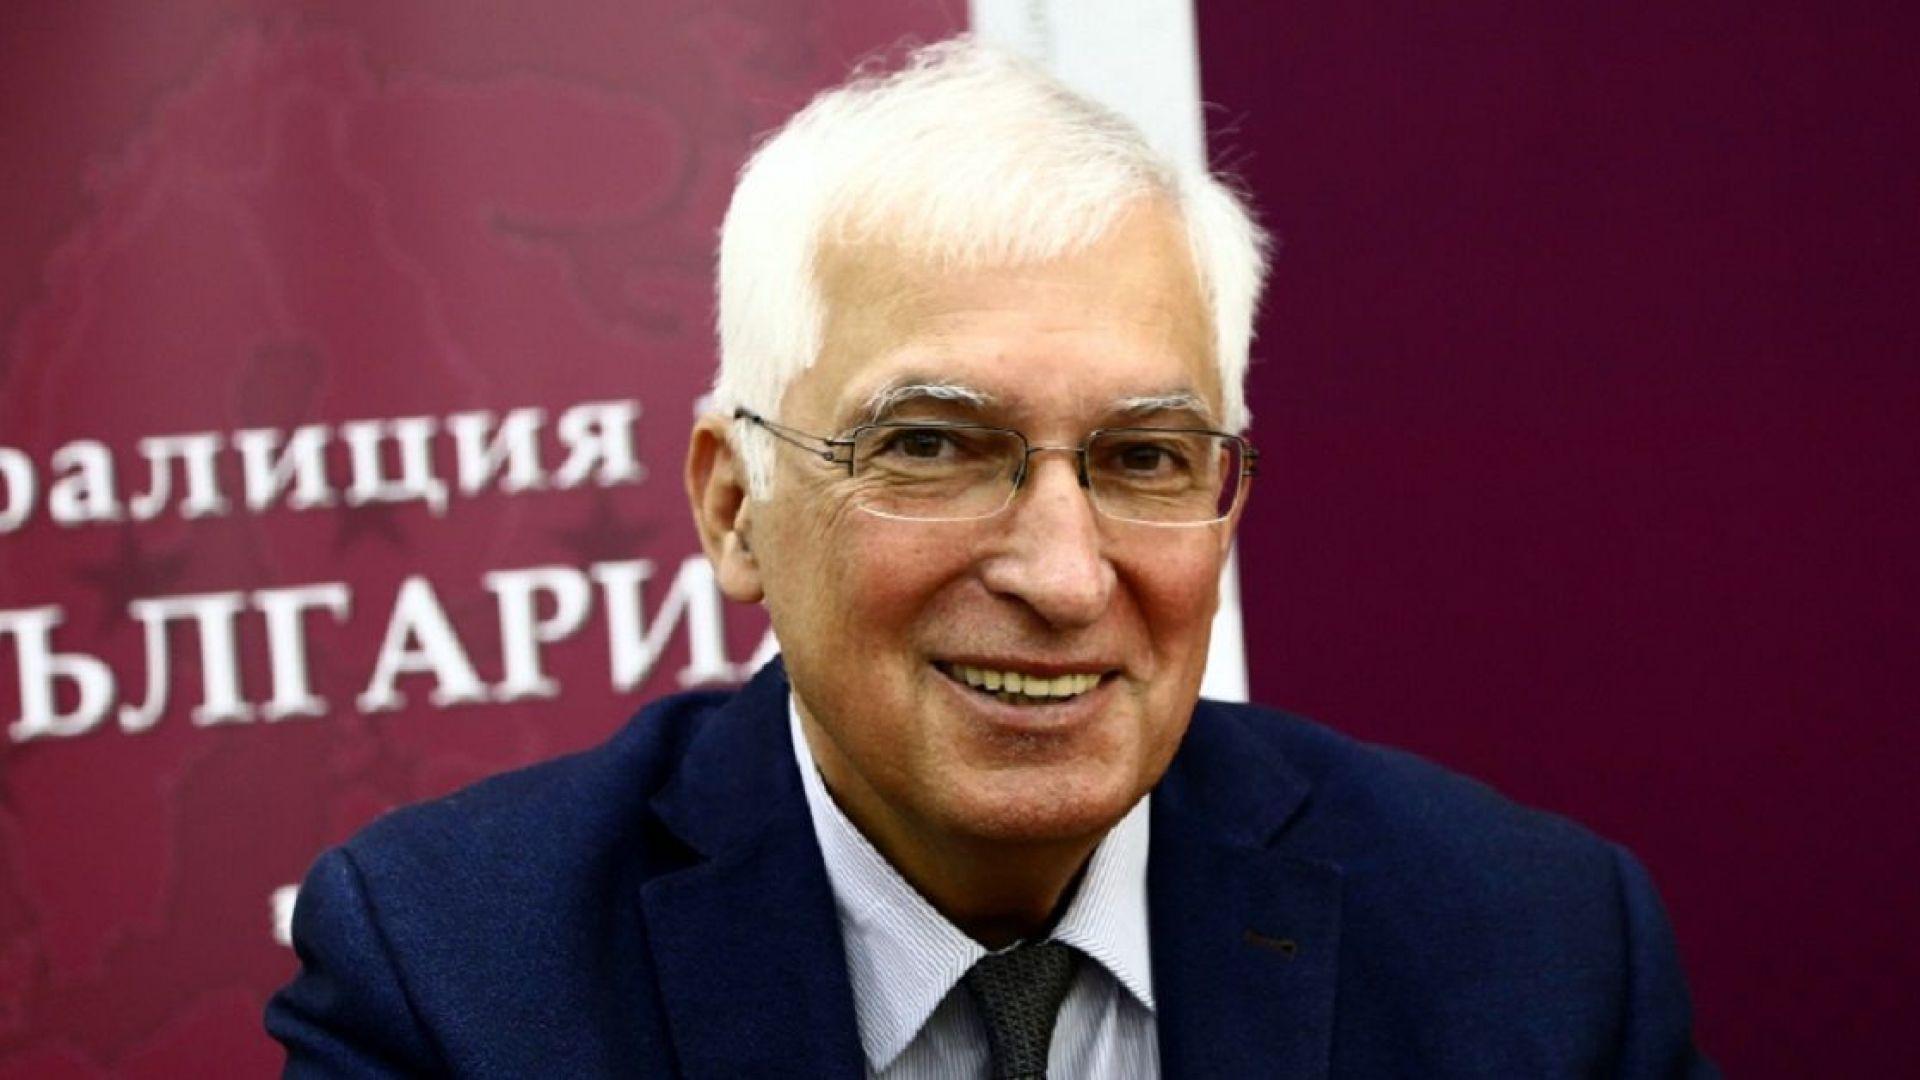 Проф. Дуранкев: Бих инициирал референдум за неразполагане на ядрено оръжие в ЕС